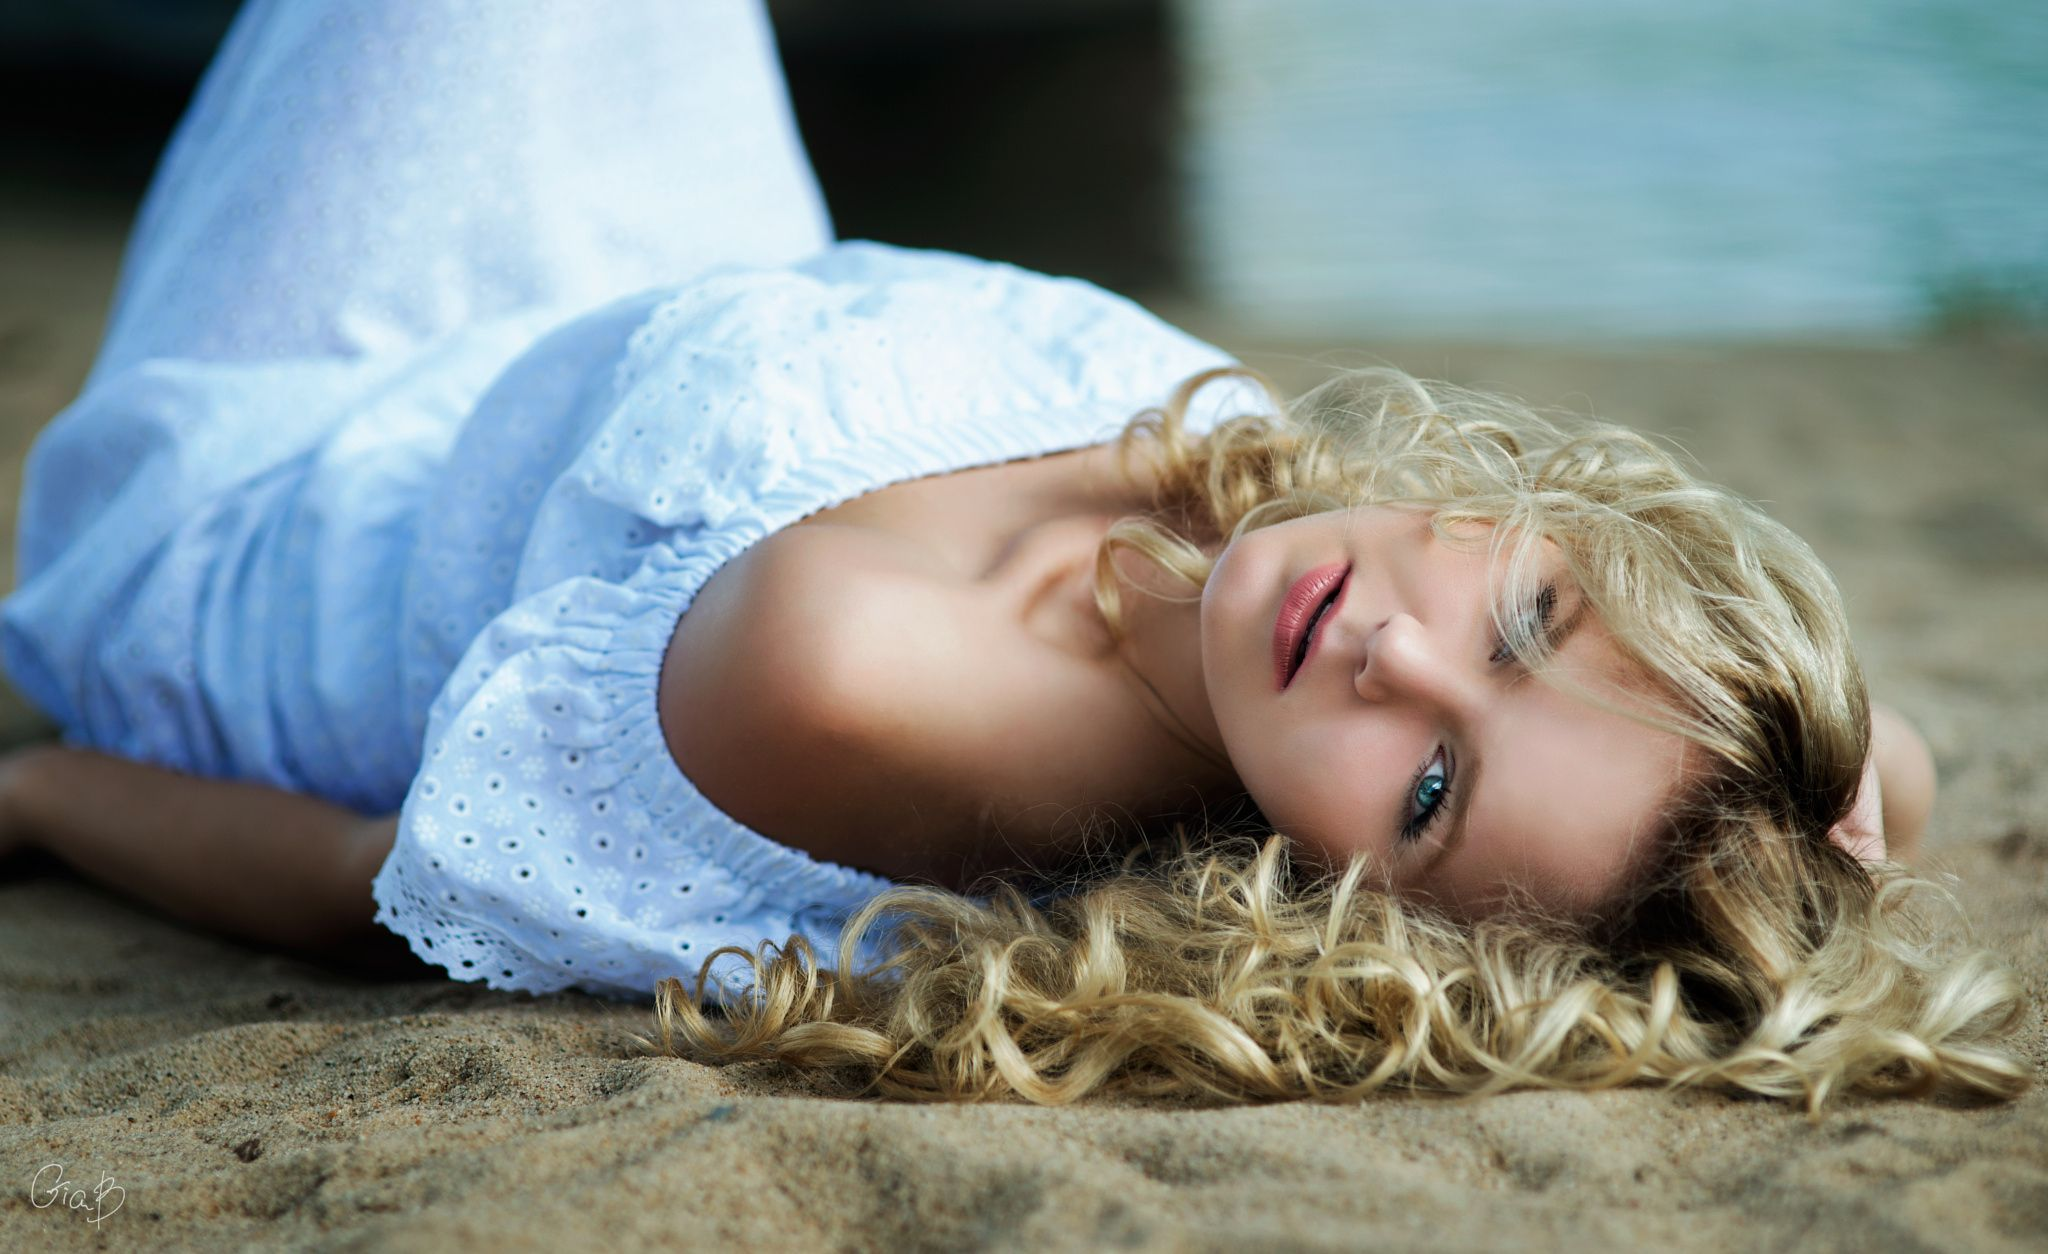 goluboglazie-blondinki-nozhki